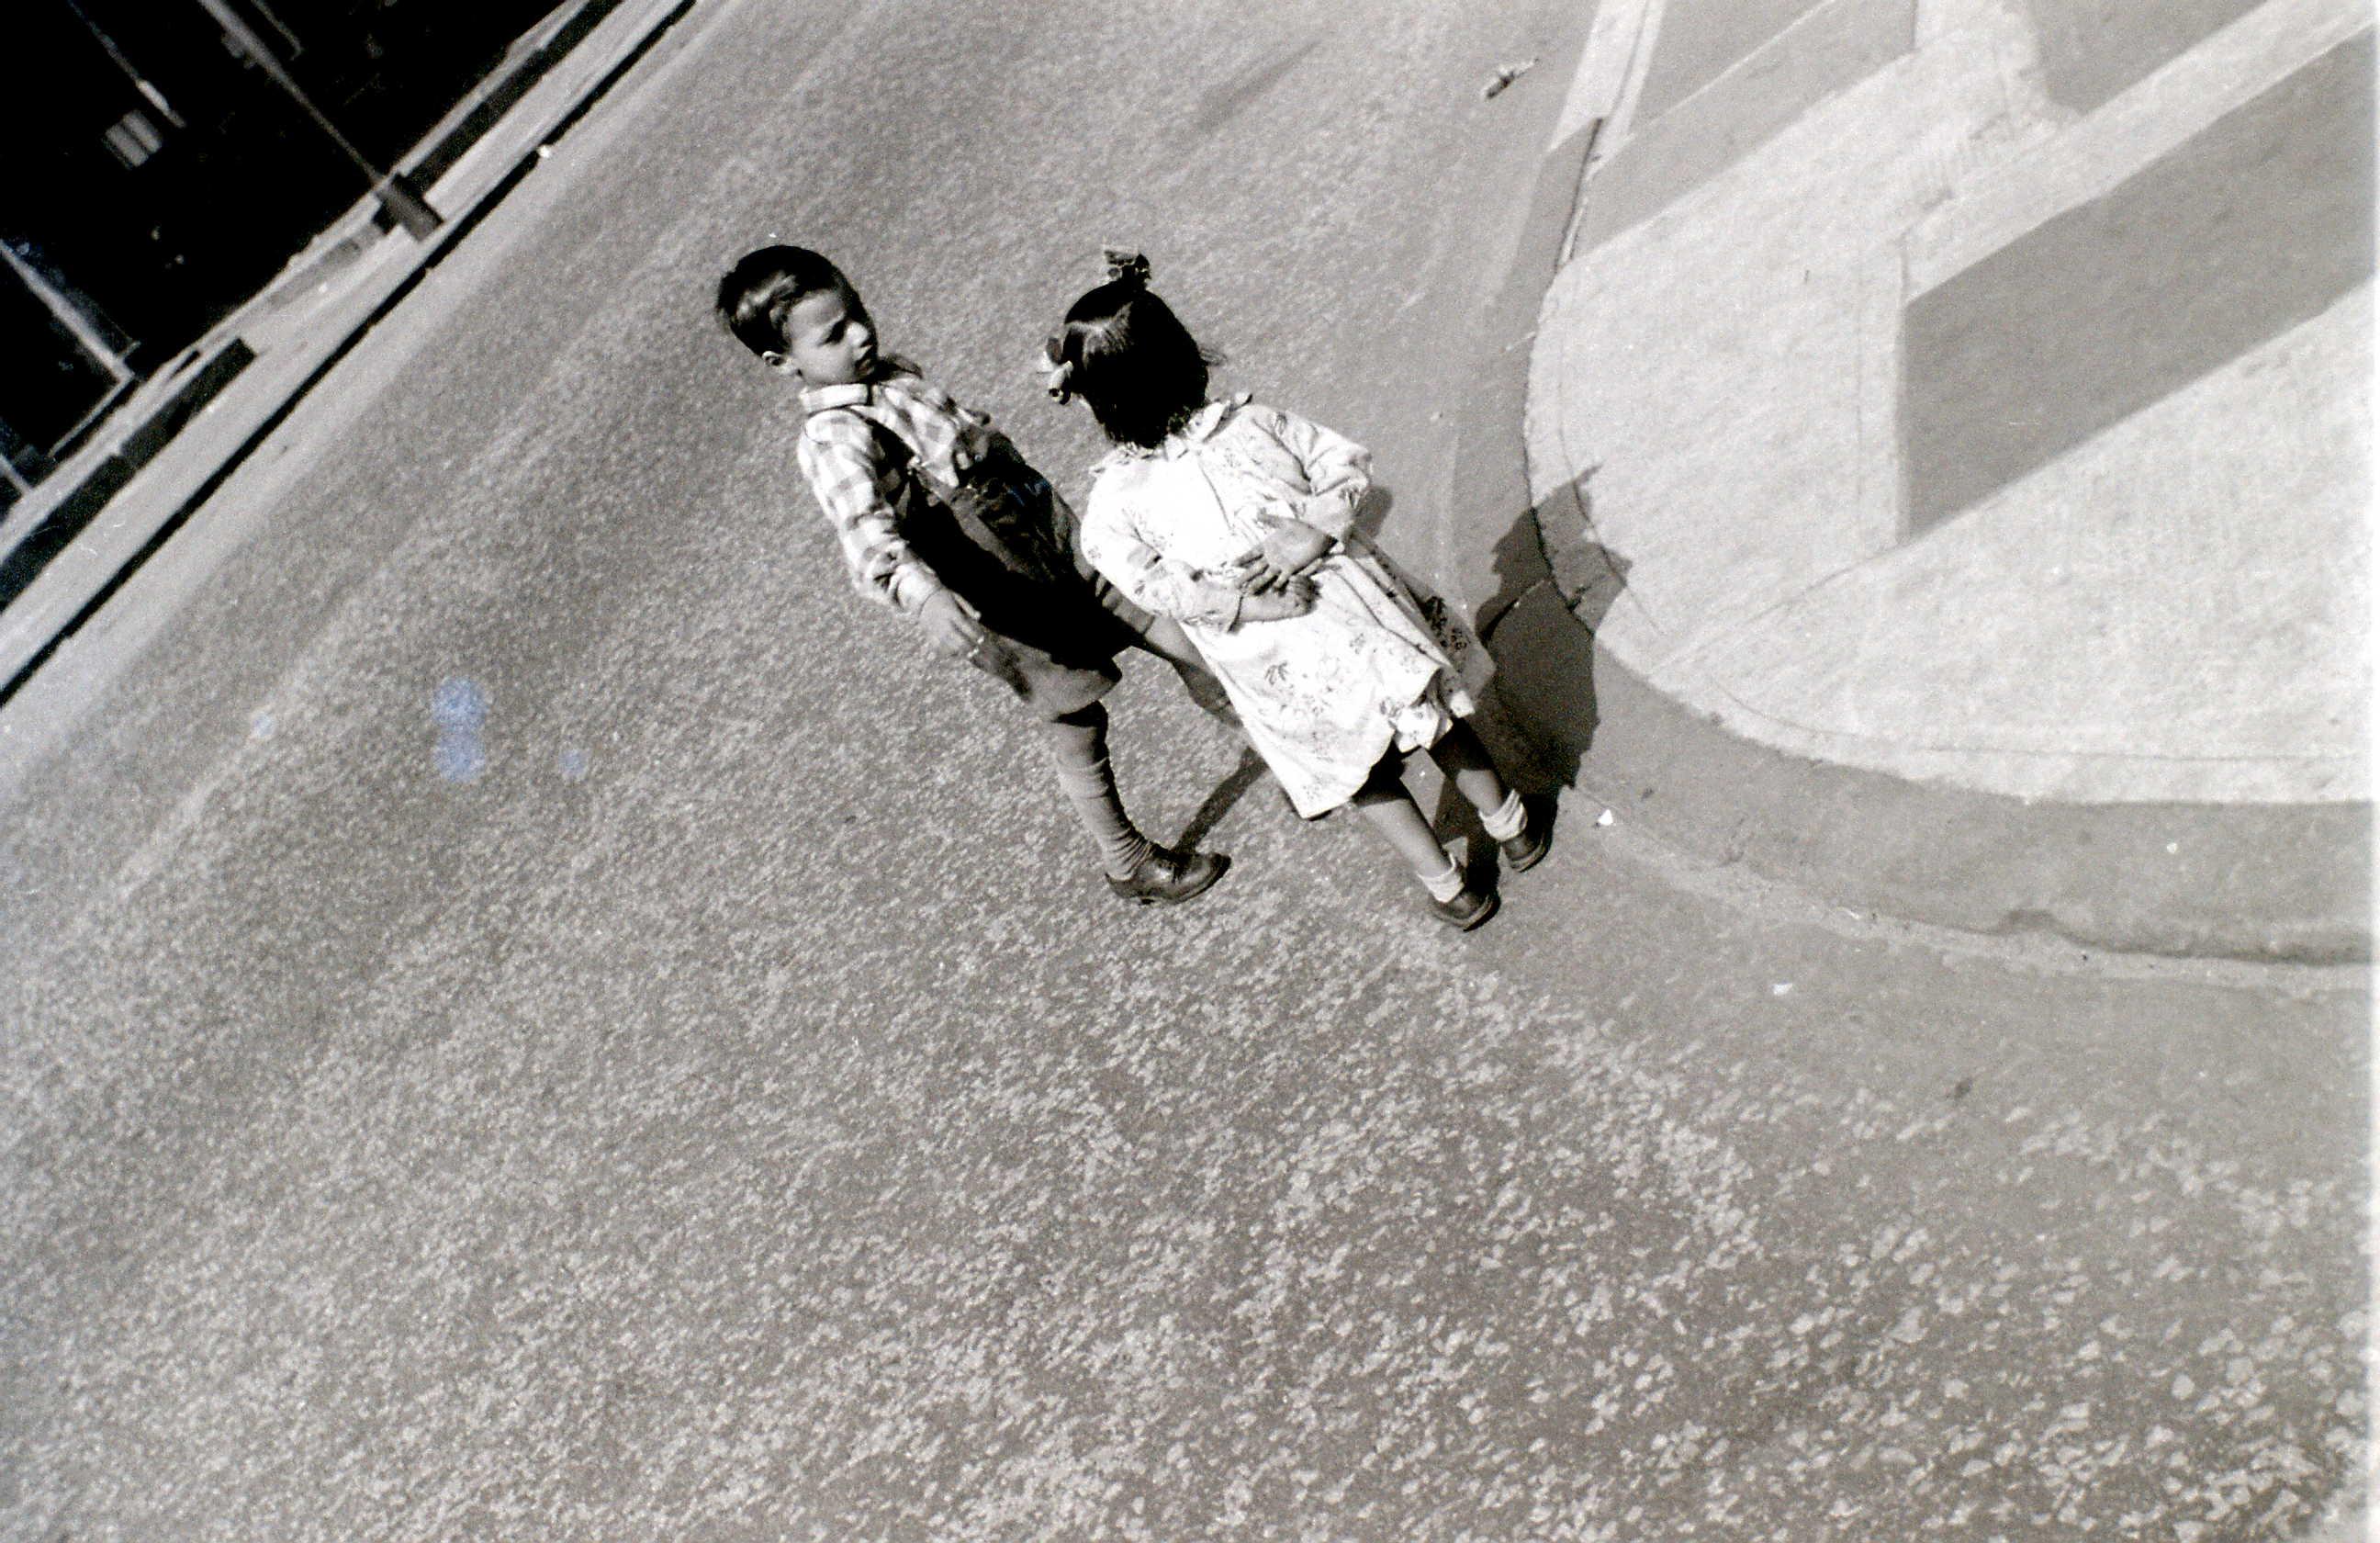 Горбалс, Глазго, 19 апреля 1960 7.jpg